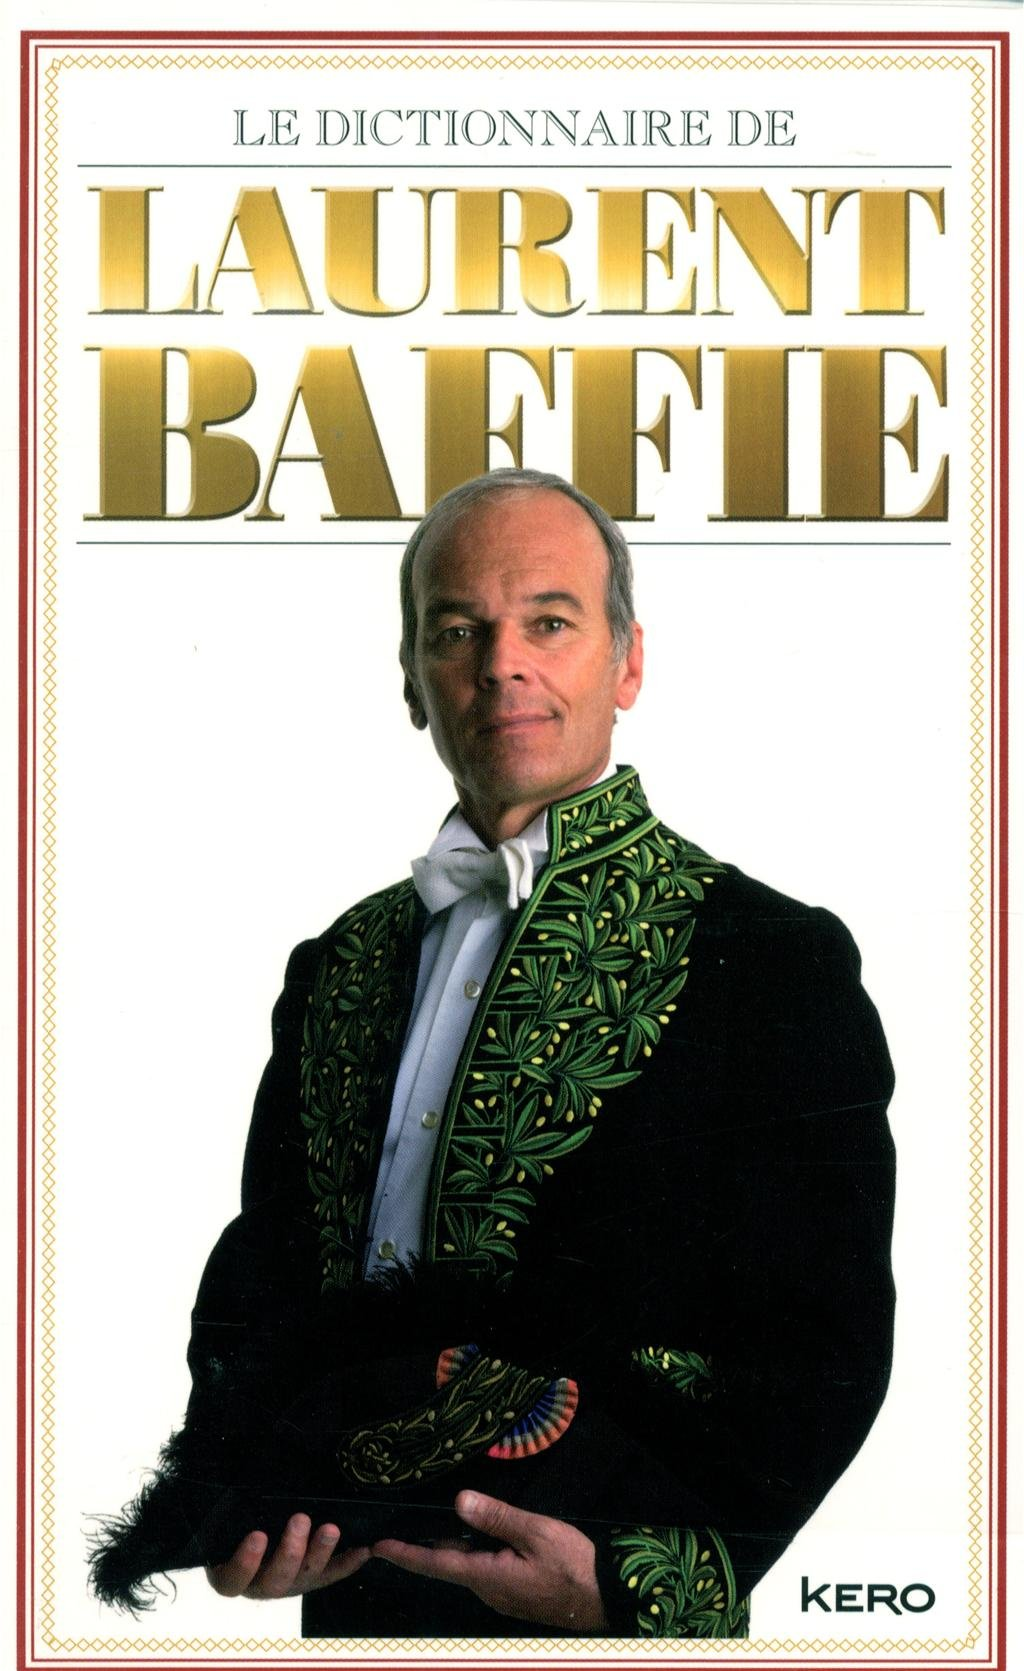 livre dictionnaire de Laurent Baffie